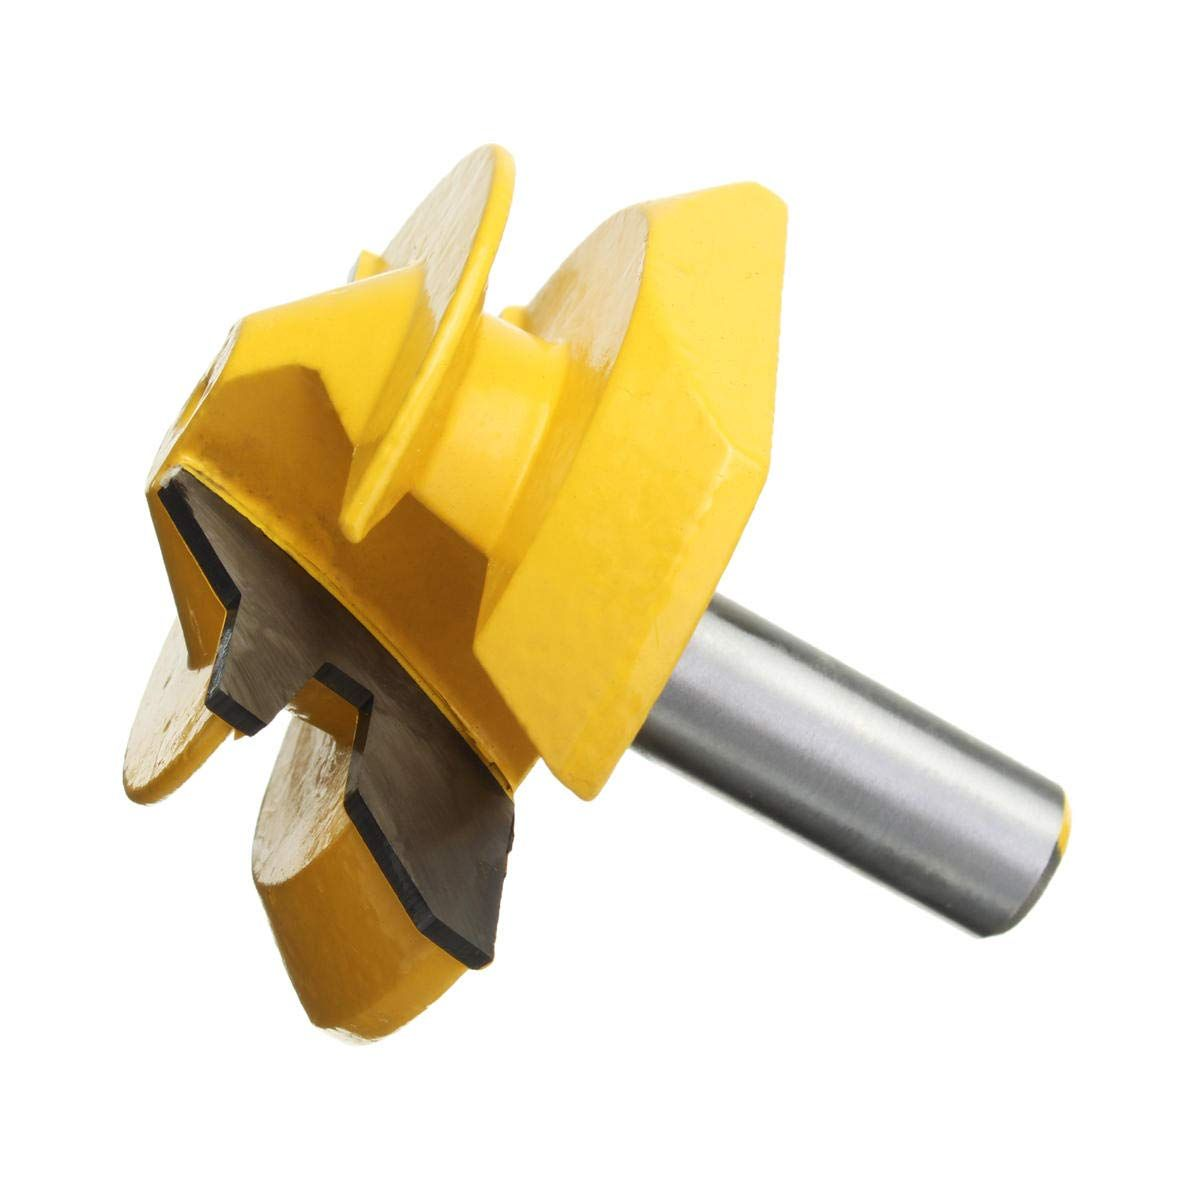 1/2 Inch Shank 45 Lock Miter Router Bit Woodworking Cutter Drill ...